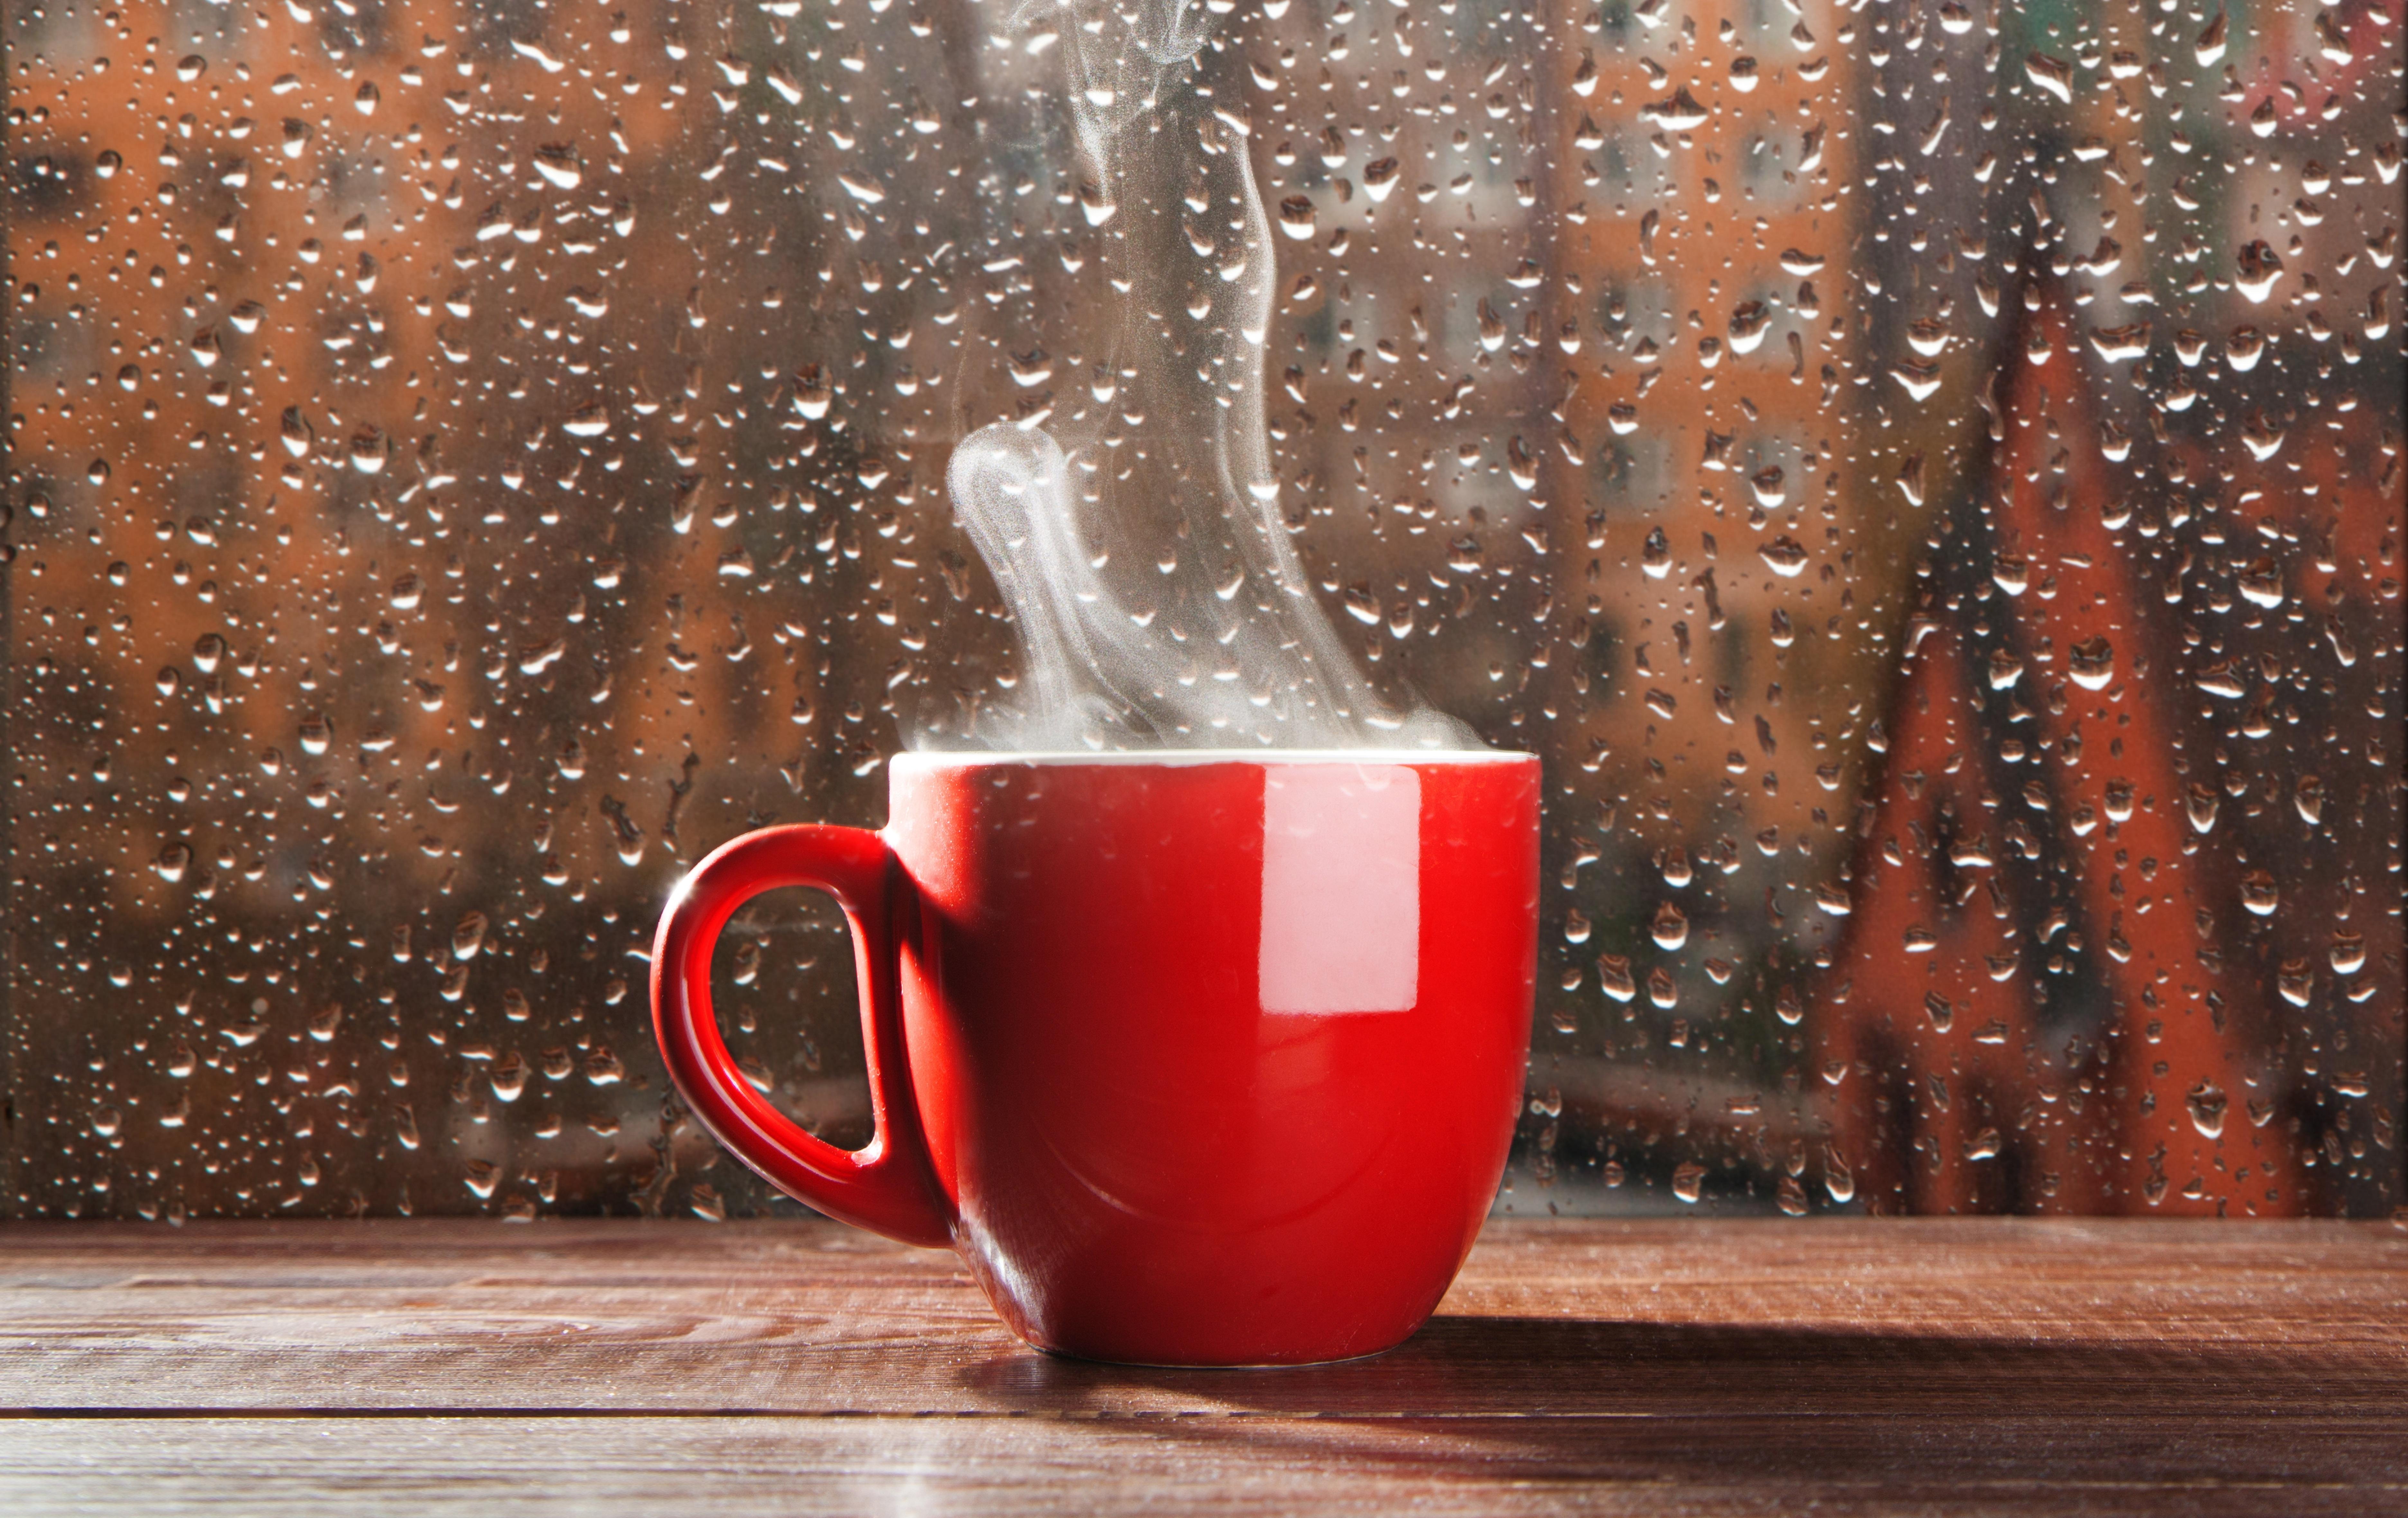 картинки дождь на улице с добрым утром картинки при